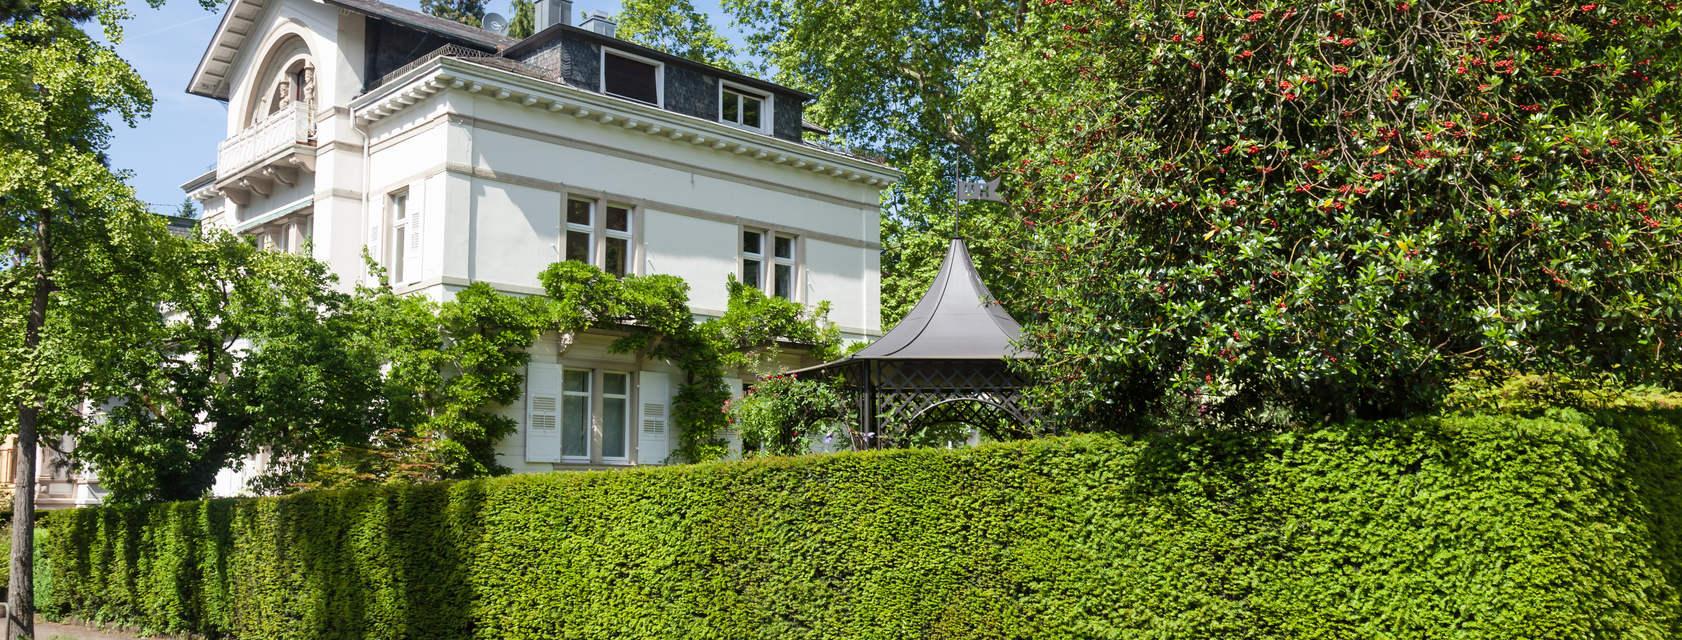 Hausmeisterdienst München: exklusive Wohnanlagen